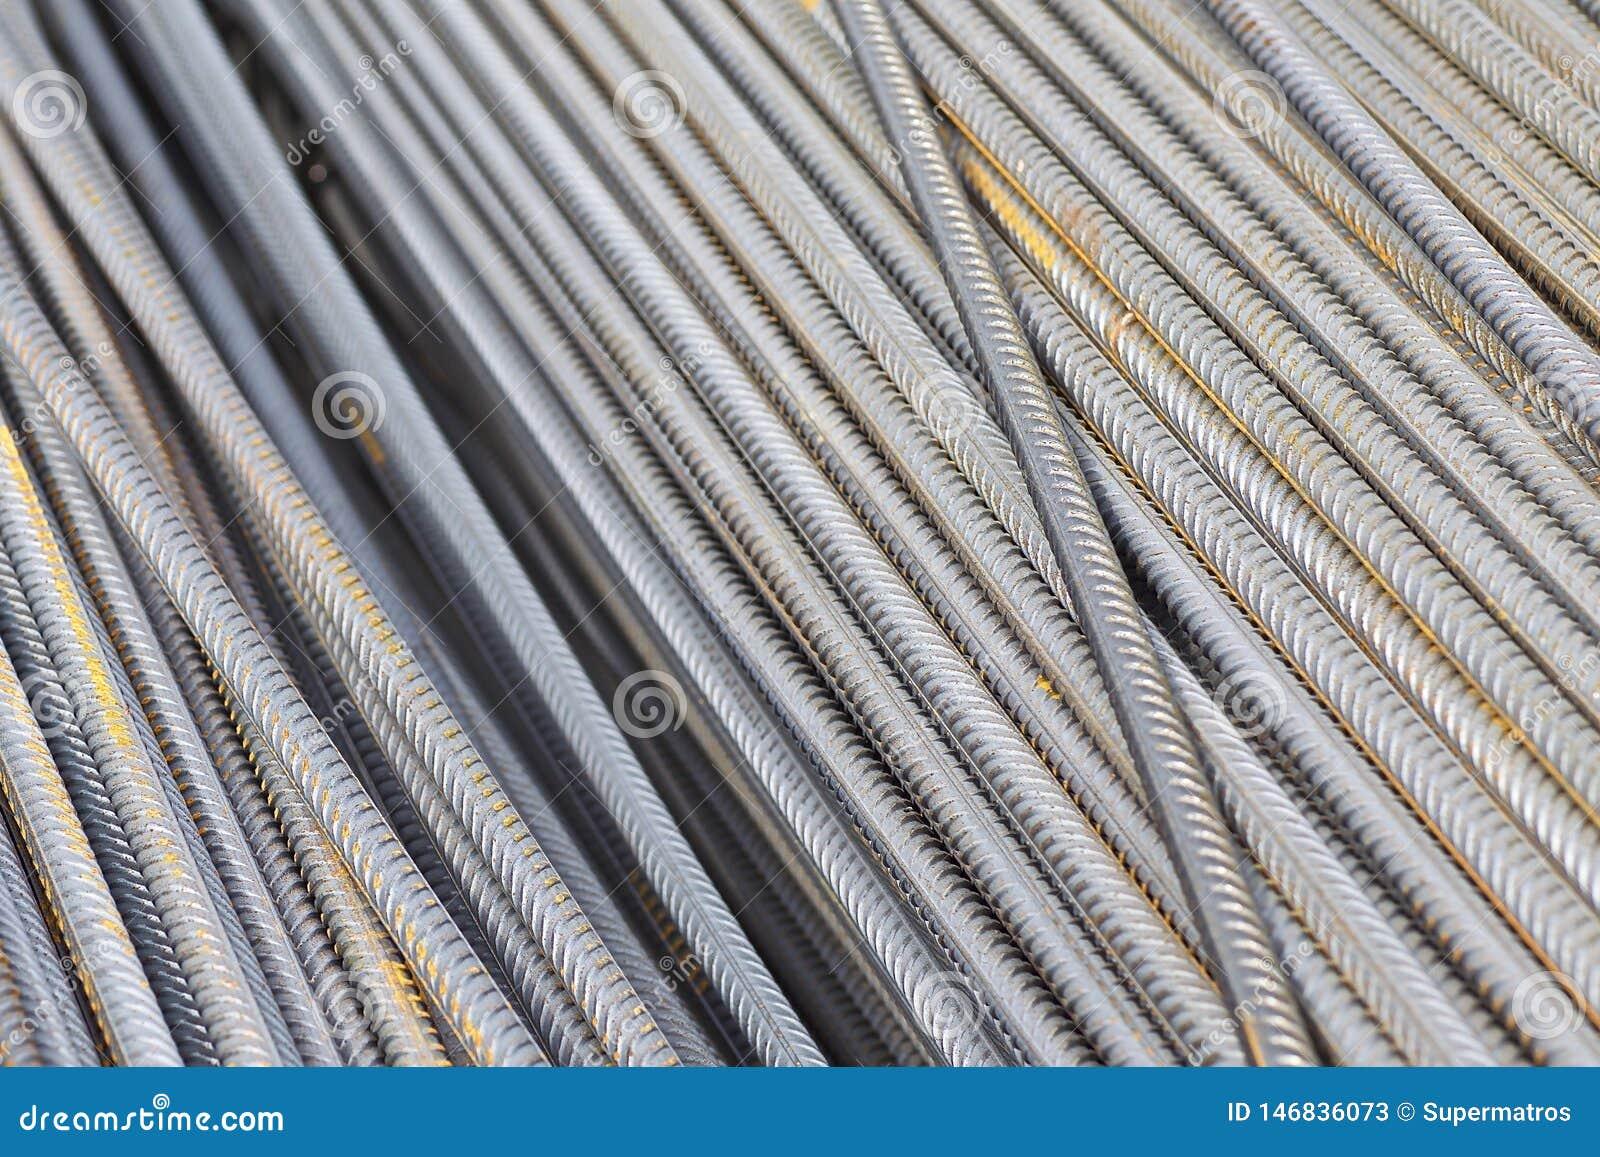 De betonstalen met een periodiek profiel in de pakken worden opgeslagen in het pakhuis van metaalproducten